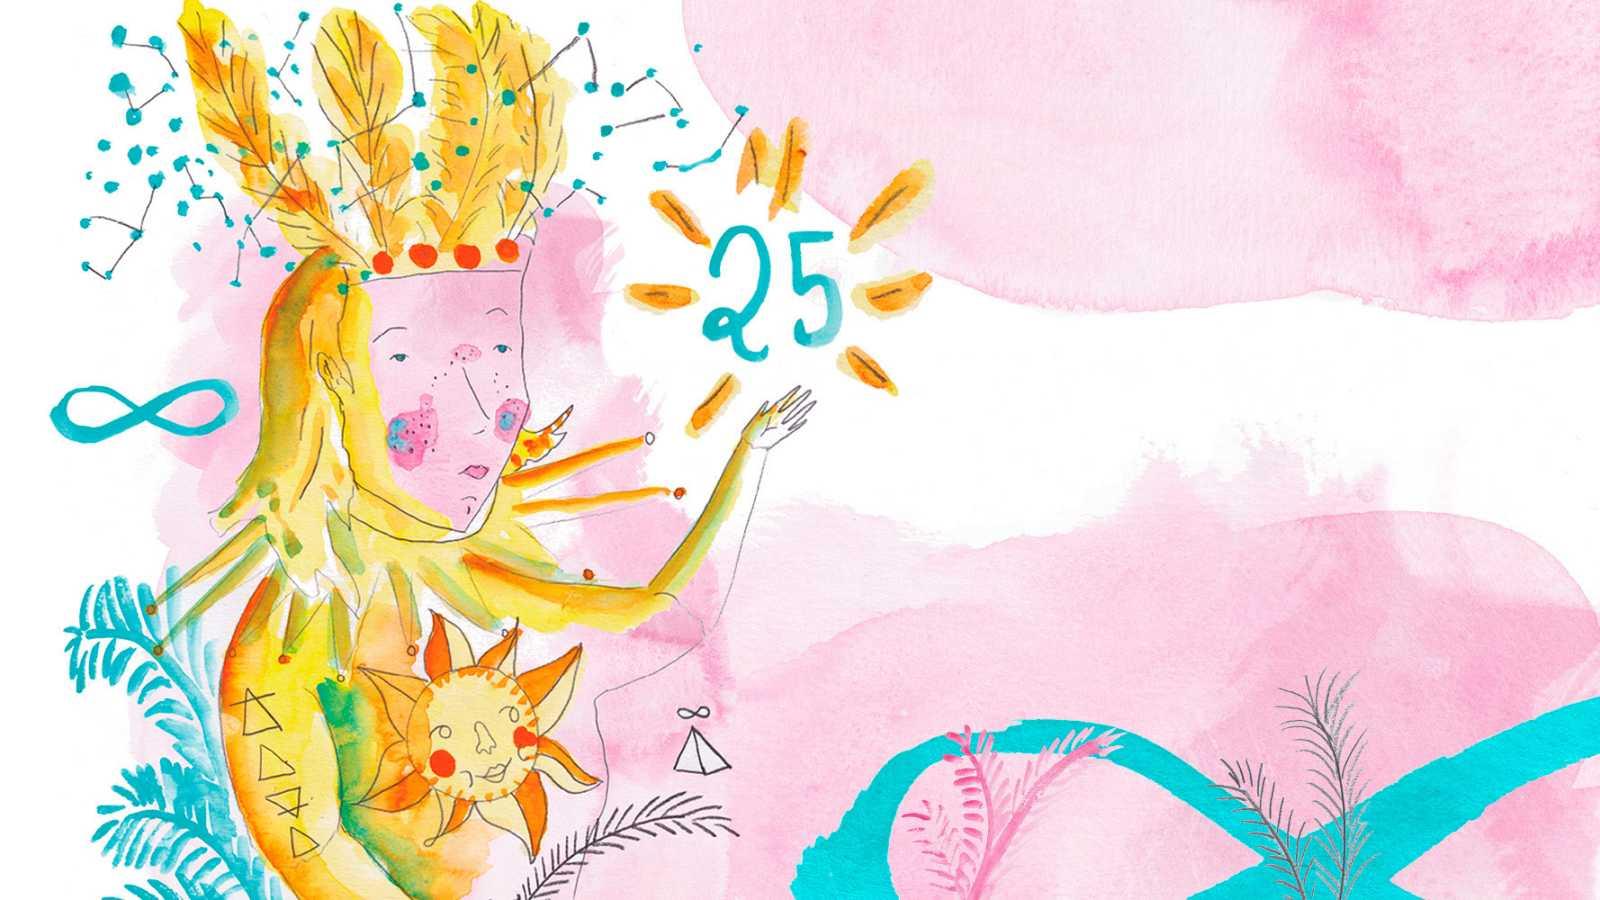 Artesfera - Teatralia cumple 25 años - 04/03/21 - escuchar ahora